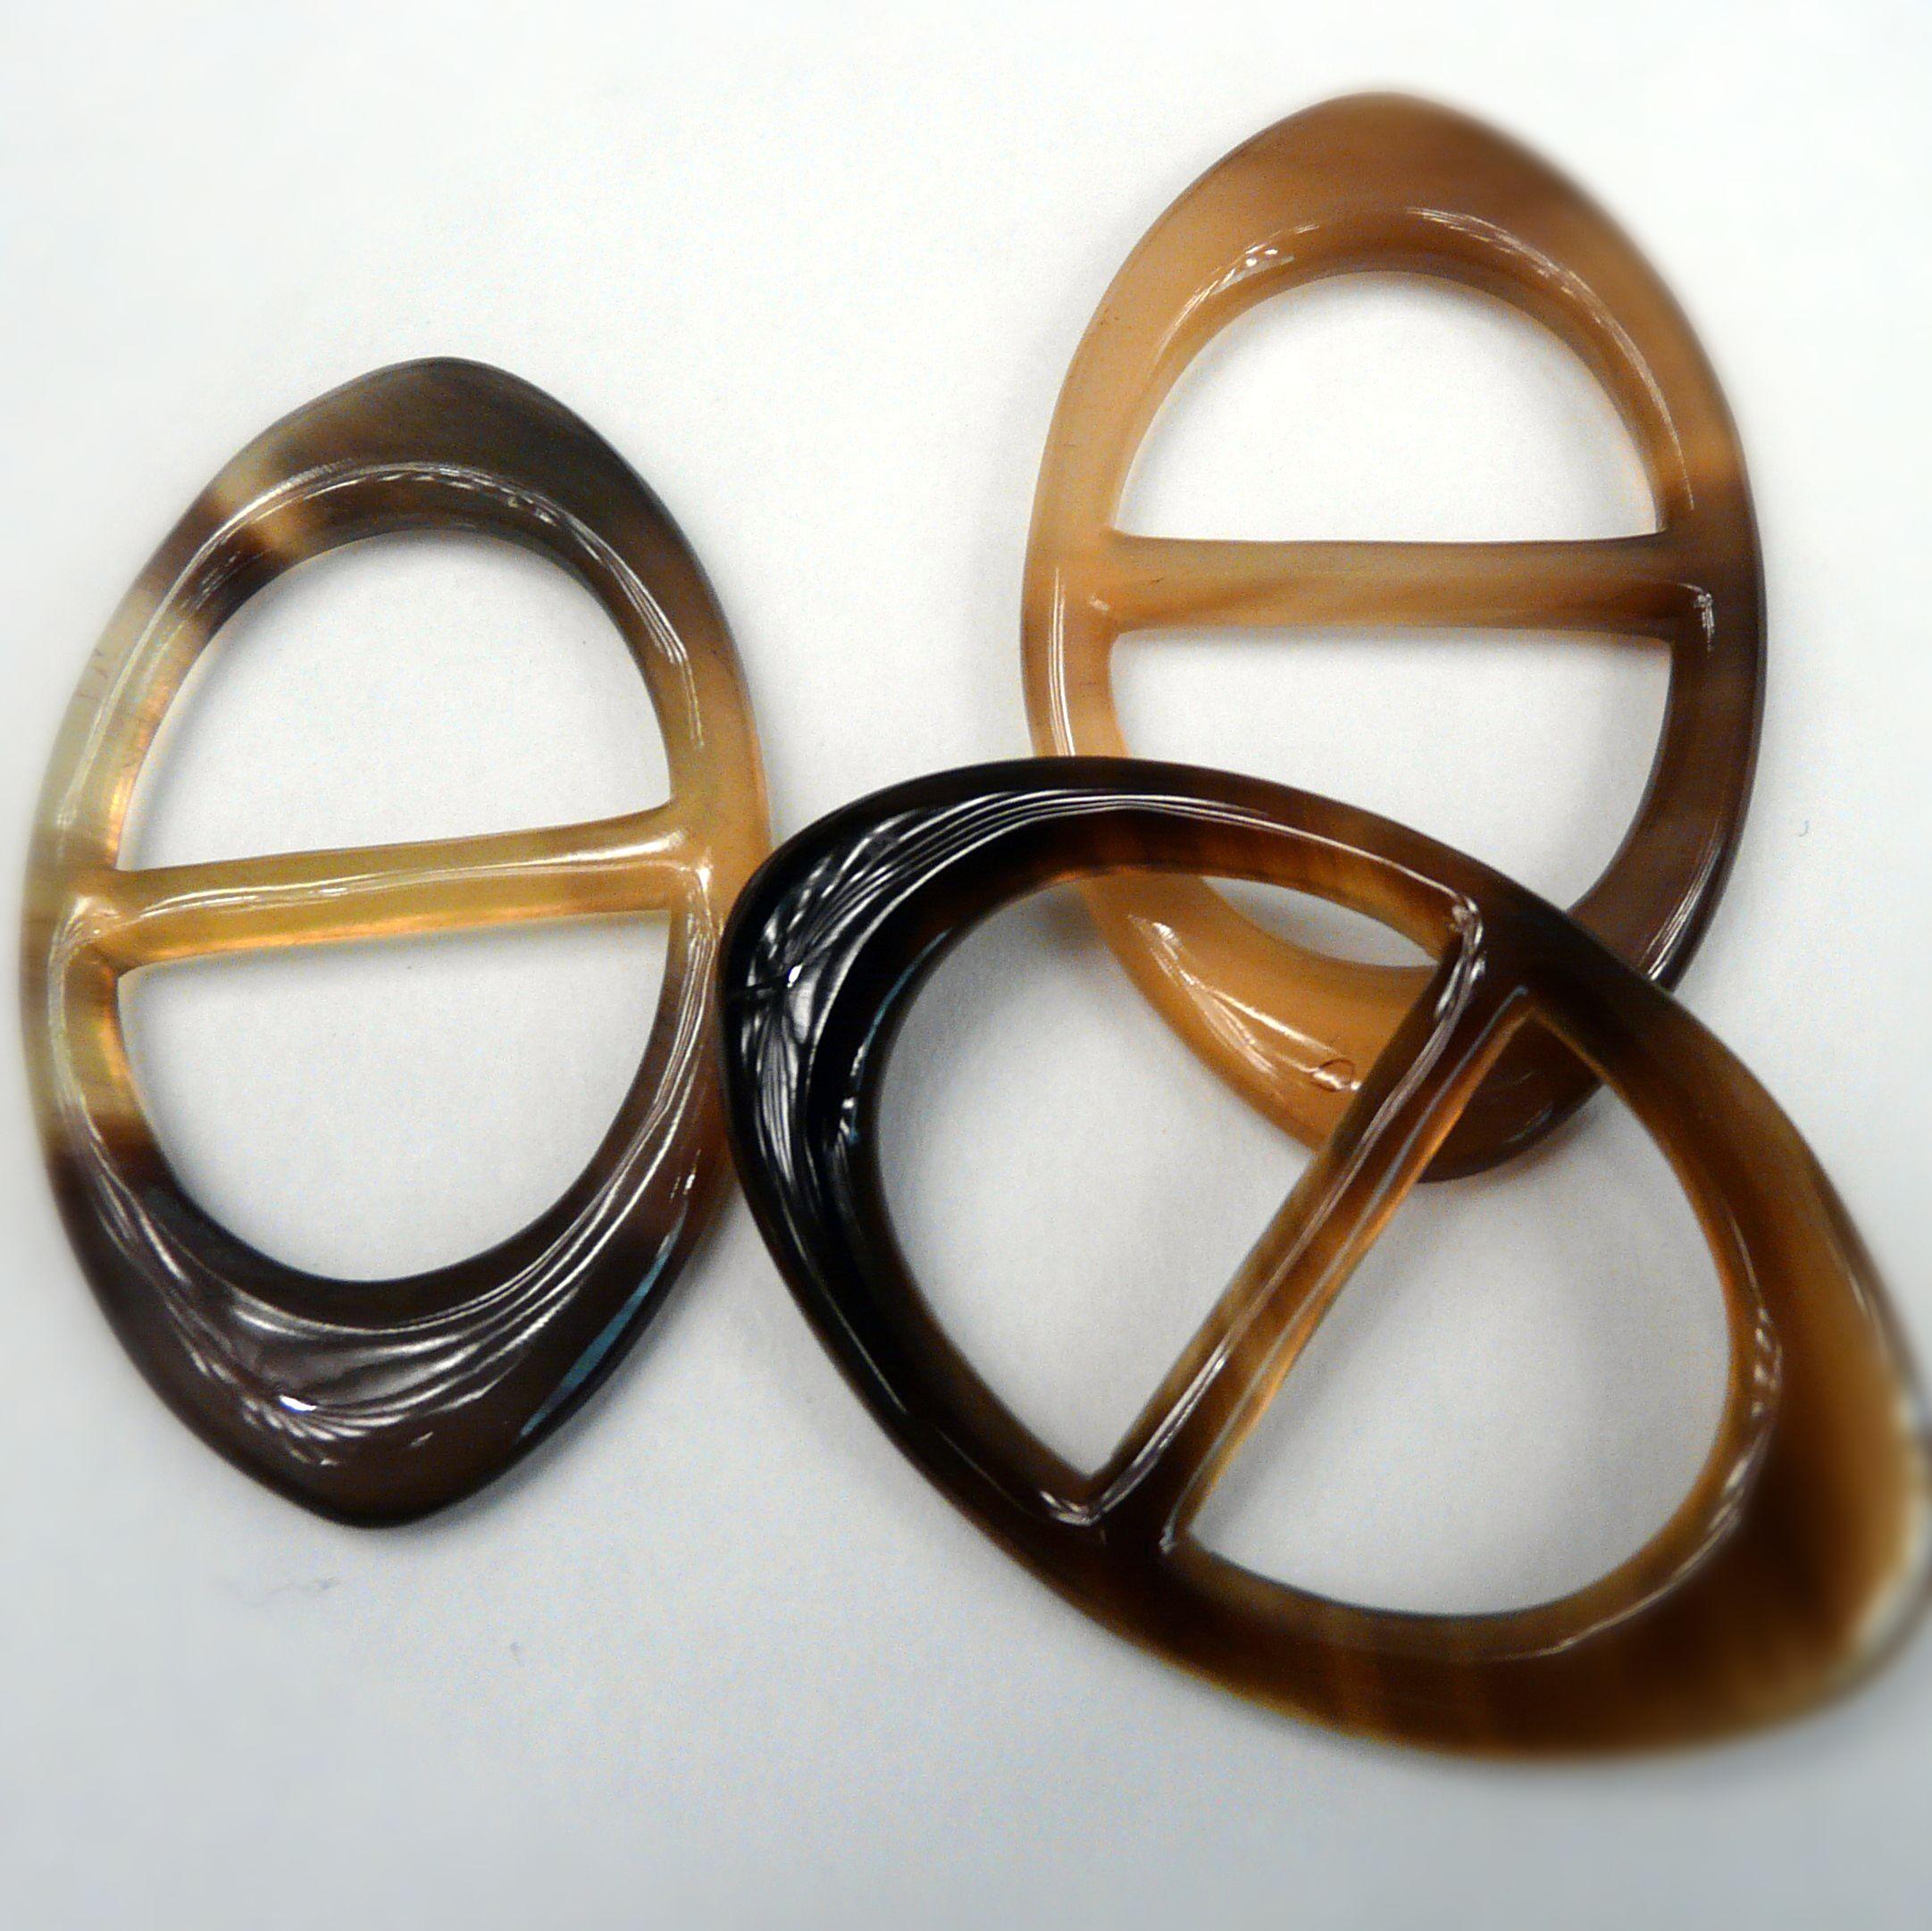 Anneau Classique Horn Scarf Ring by Carre de Paris